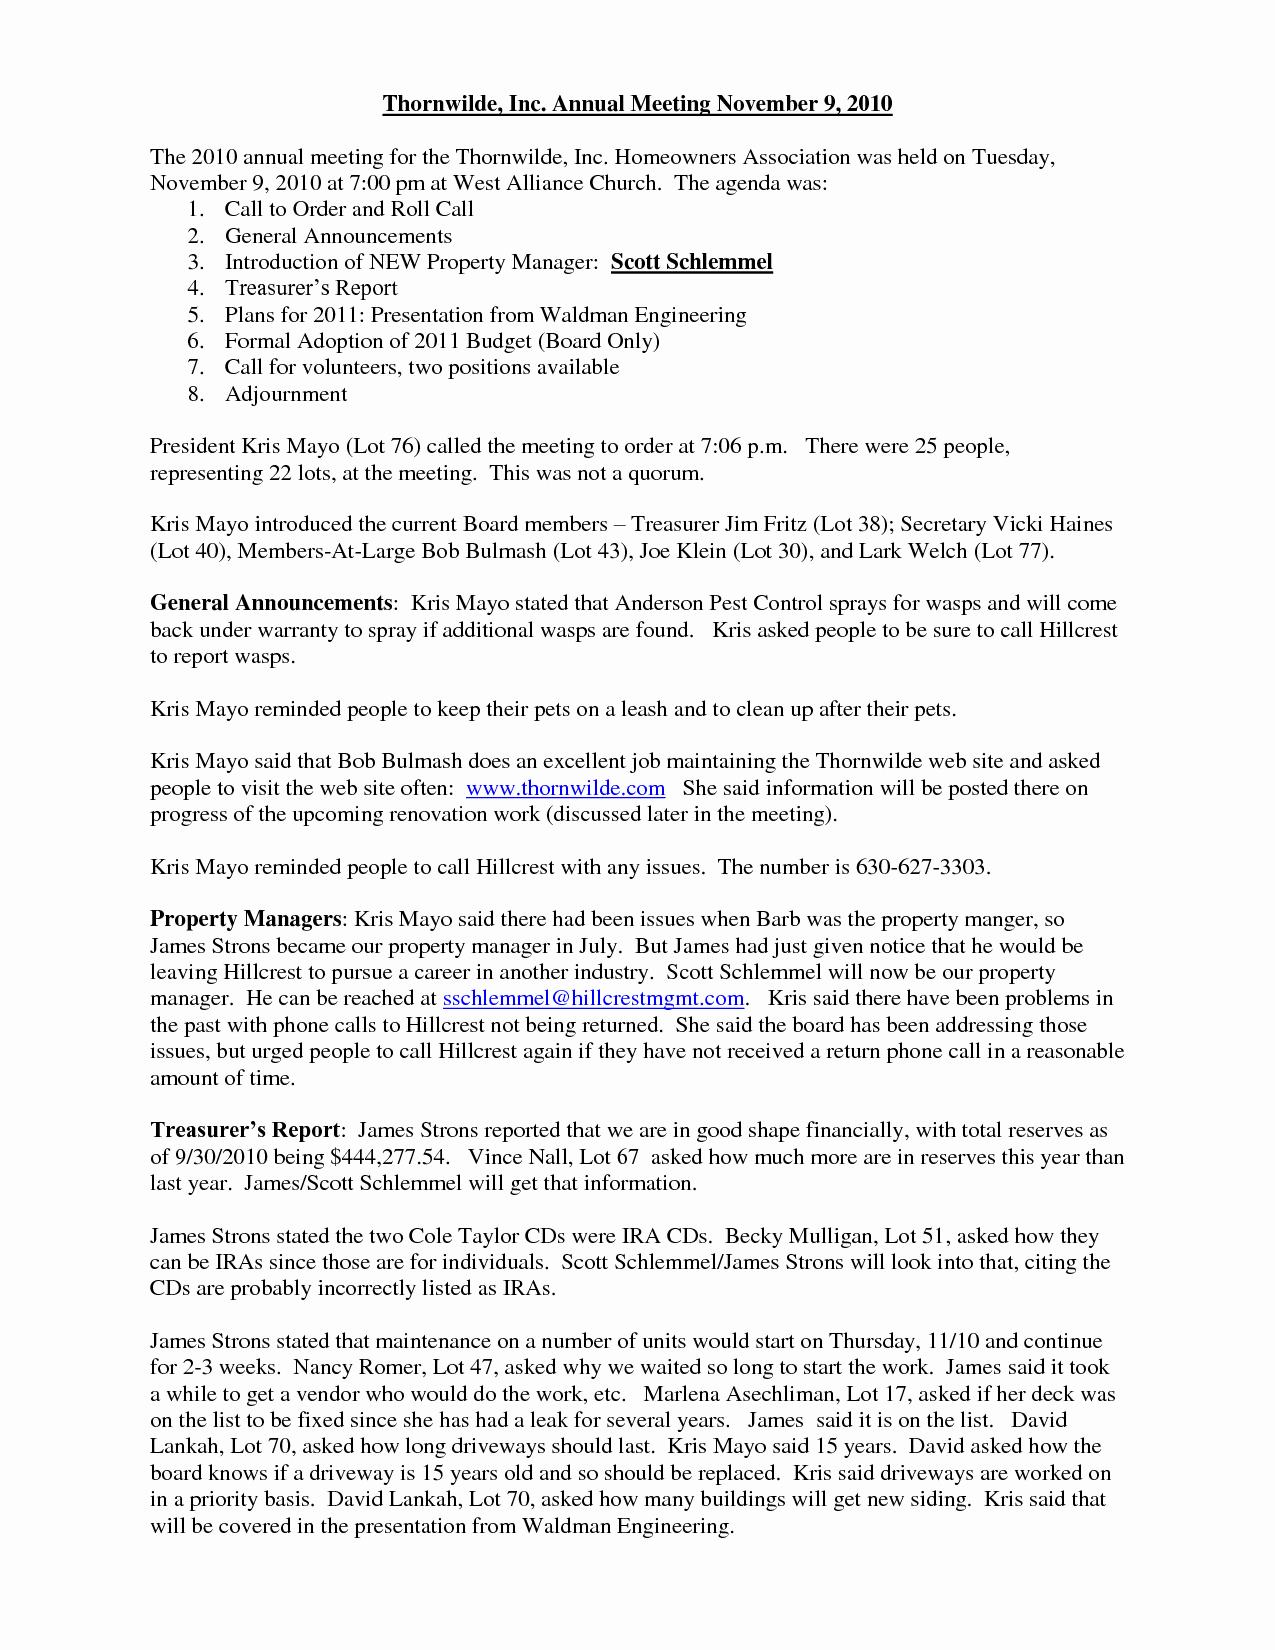 10 Best Of Hoa Meeting Notice Invite Annual